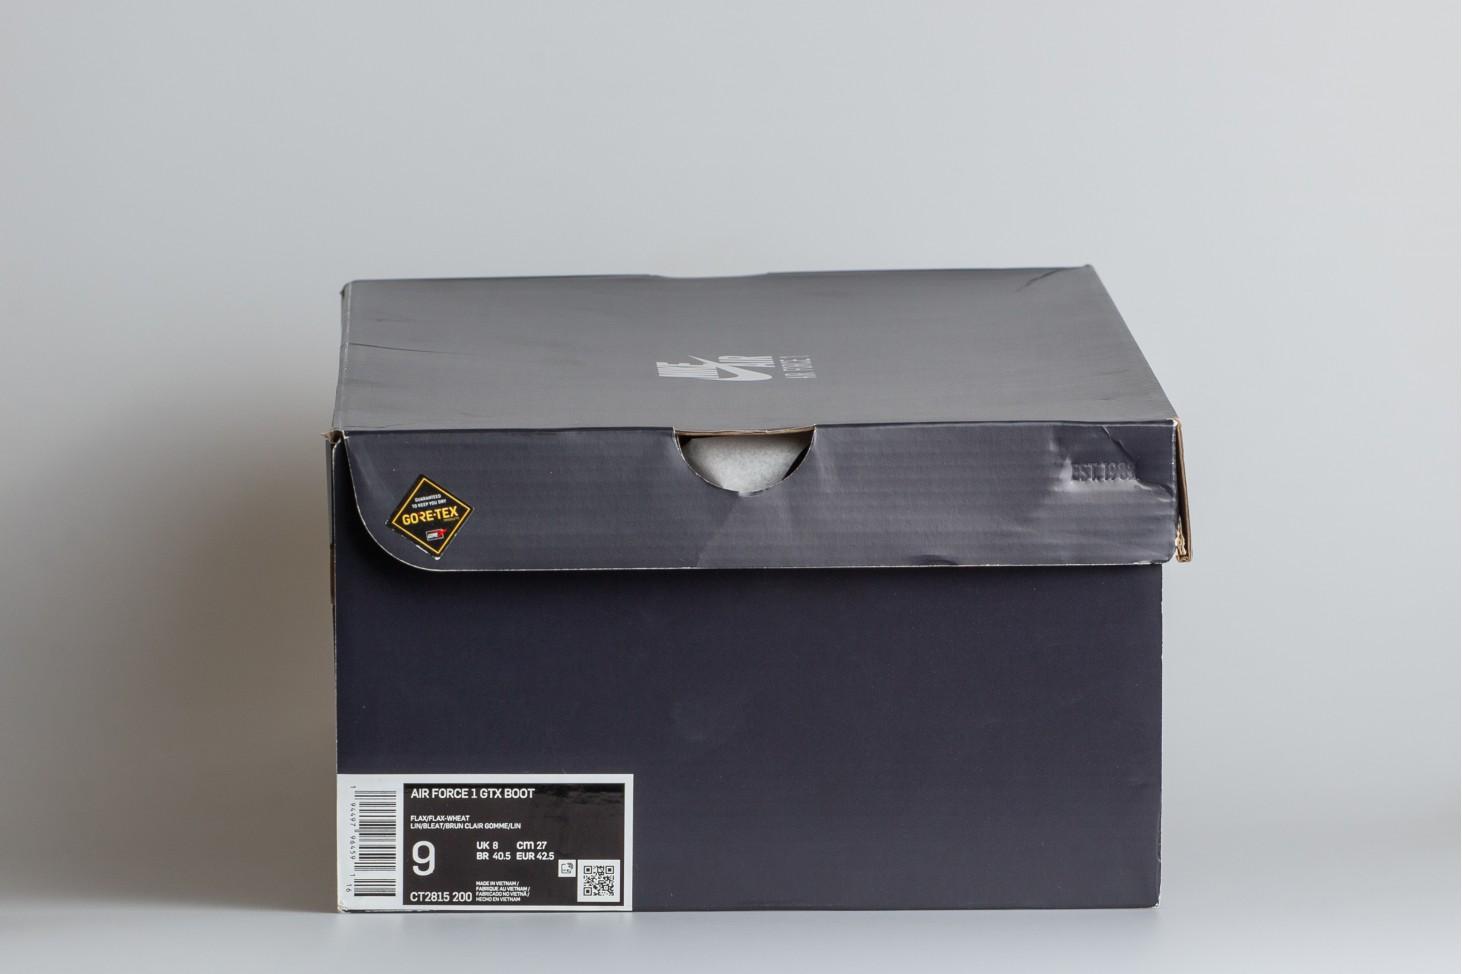 Air Force 1 GTX Boot-8